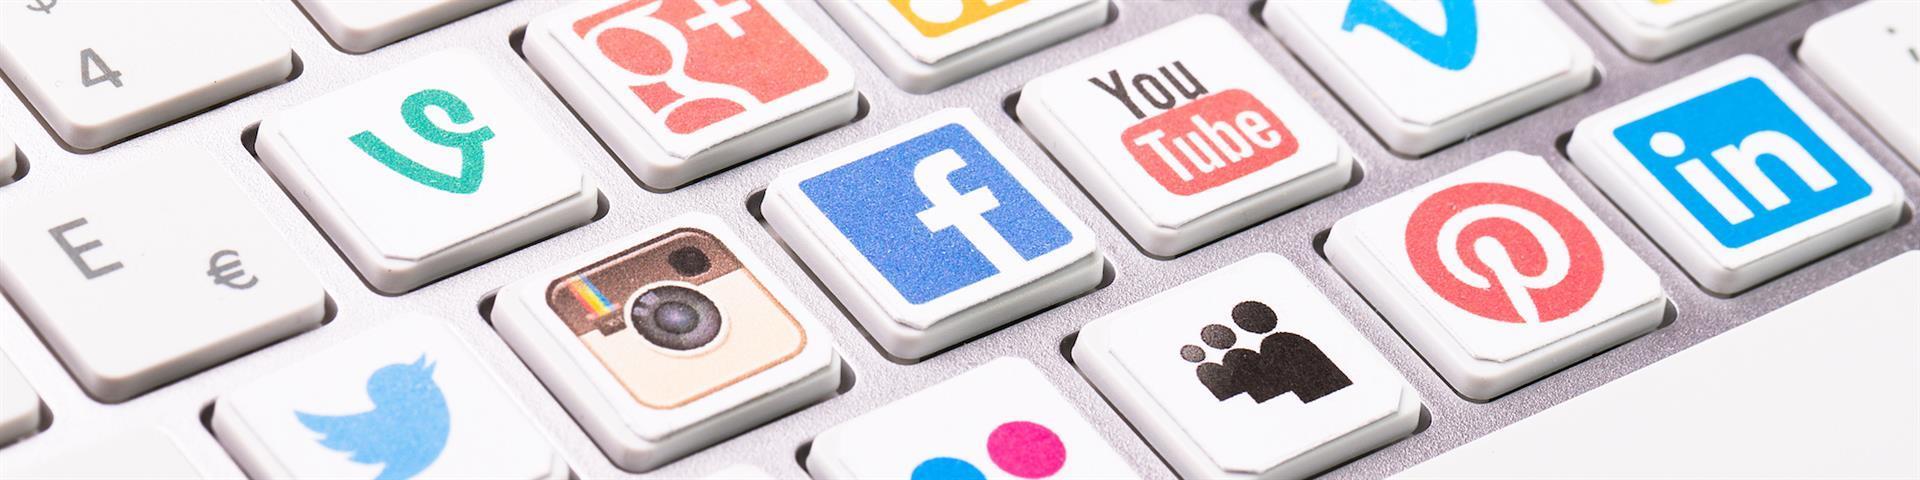 Družbena omrežja: Vaš najboljši prijatelj?